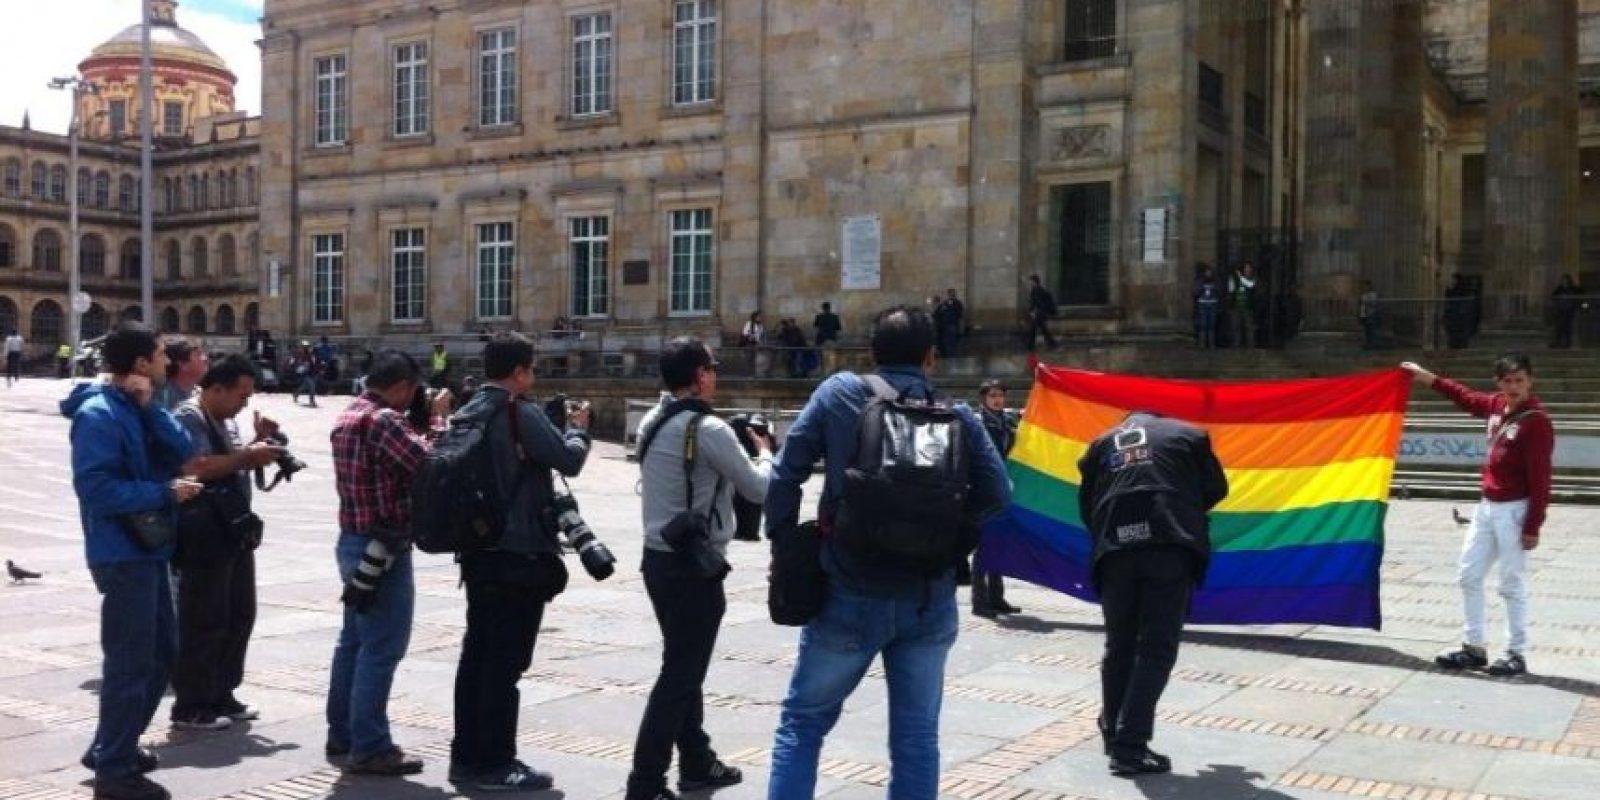 Se observaron más fotografos que manifestatantes que pidieron igualdad de derechos. Foto:@hyperconectado/ Publimetro